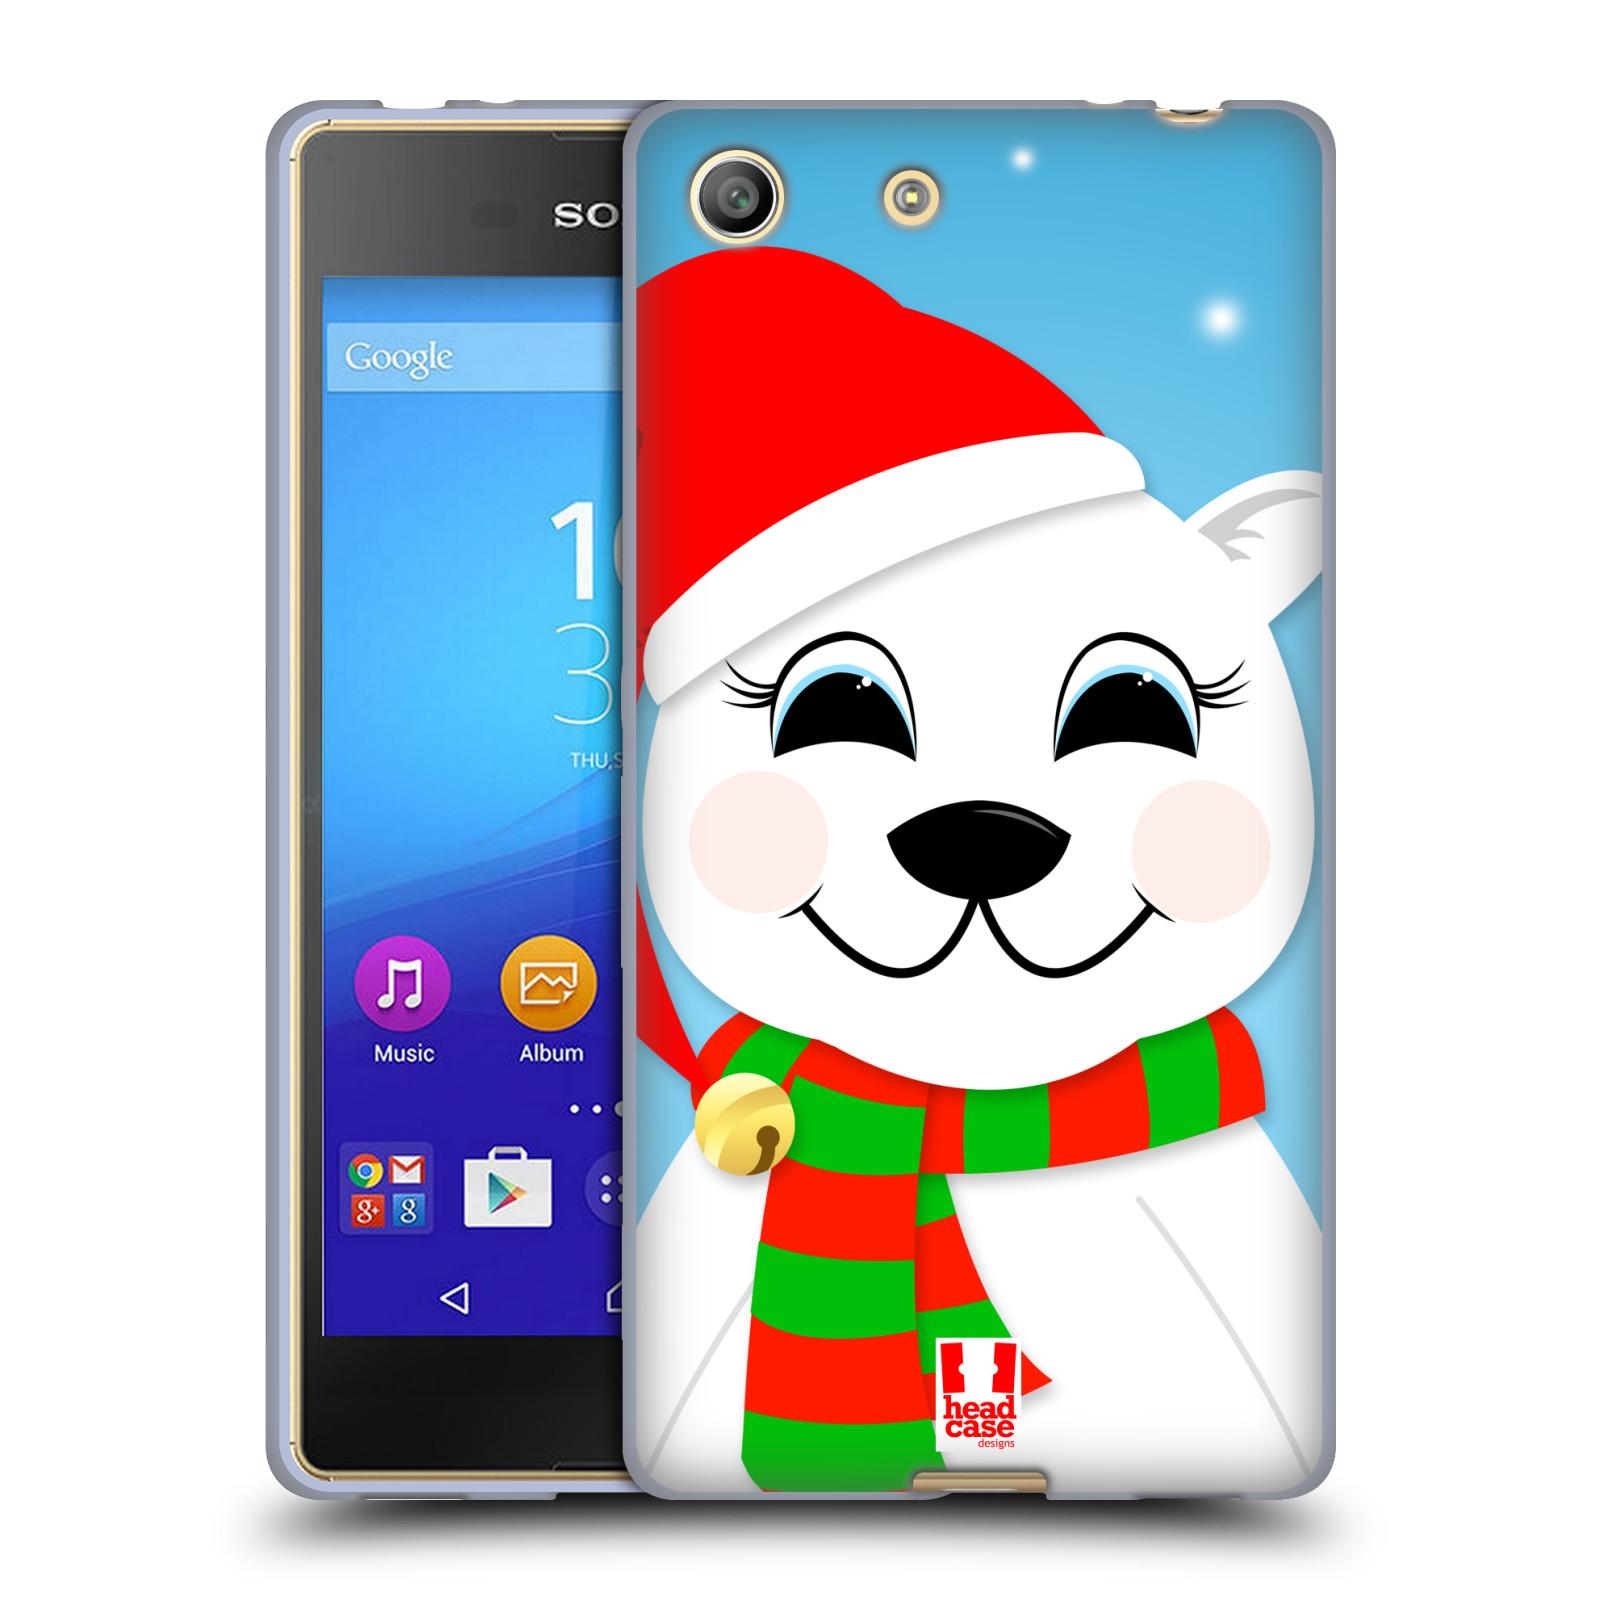 Silikonové pouzdro na mobil Sony Xperia M5 HEAD CASE VÁNOCE POLÁRNÍ MÉĎA (Silikonový kryt či obal na mobilní telefon Sony Xperia M5 Dual SIM / Aqua)